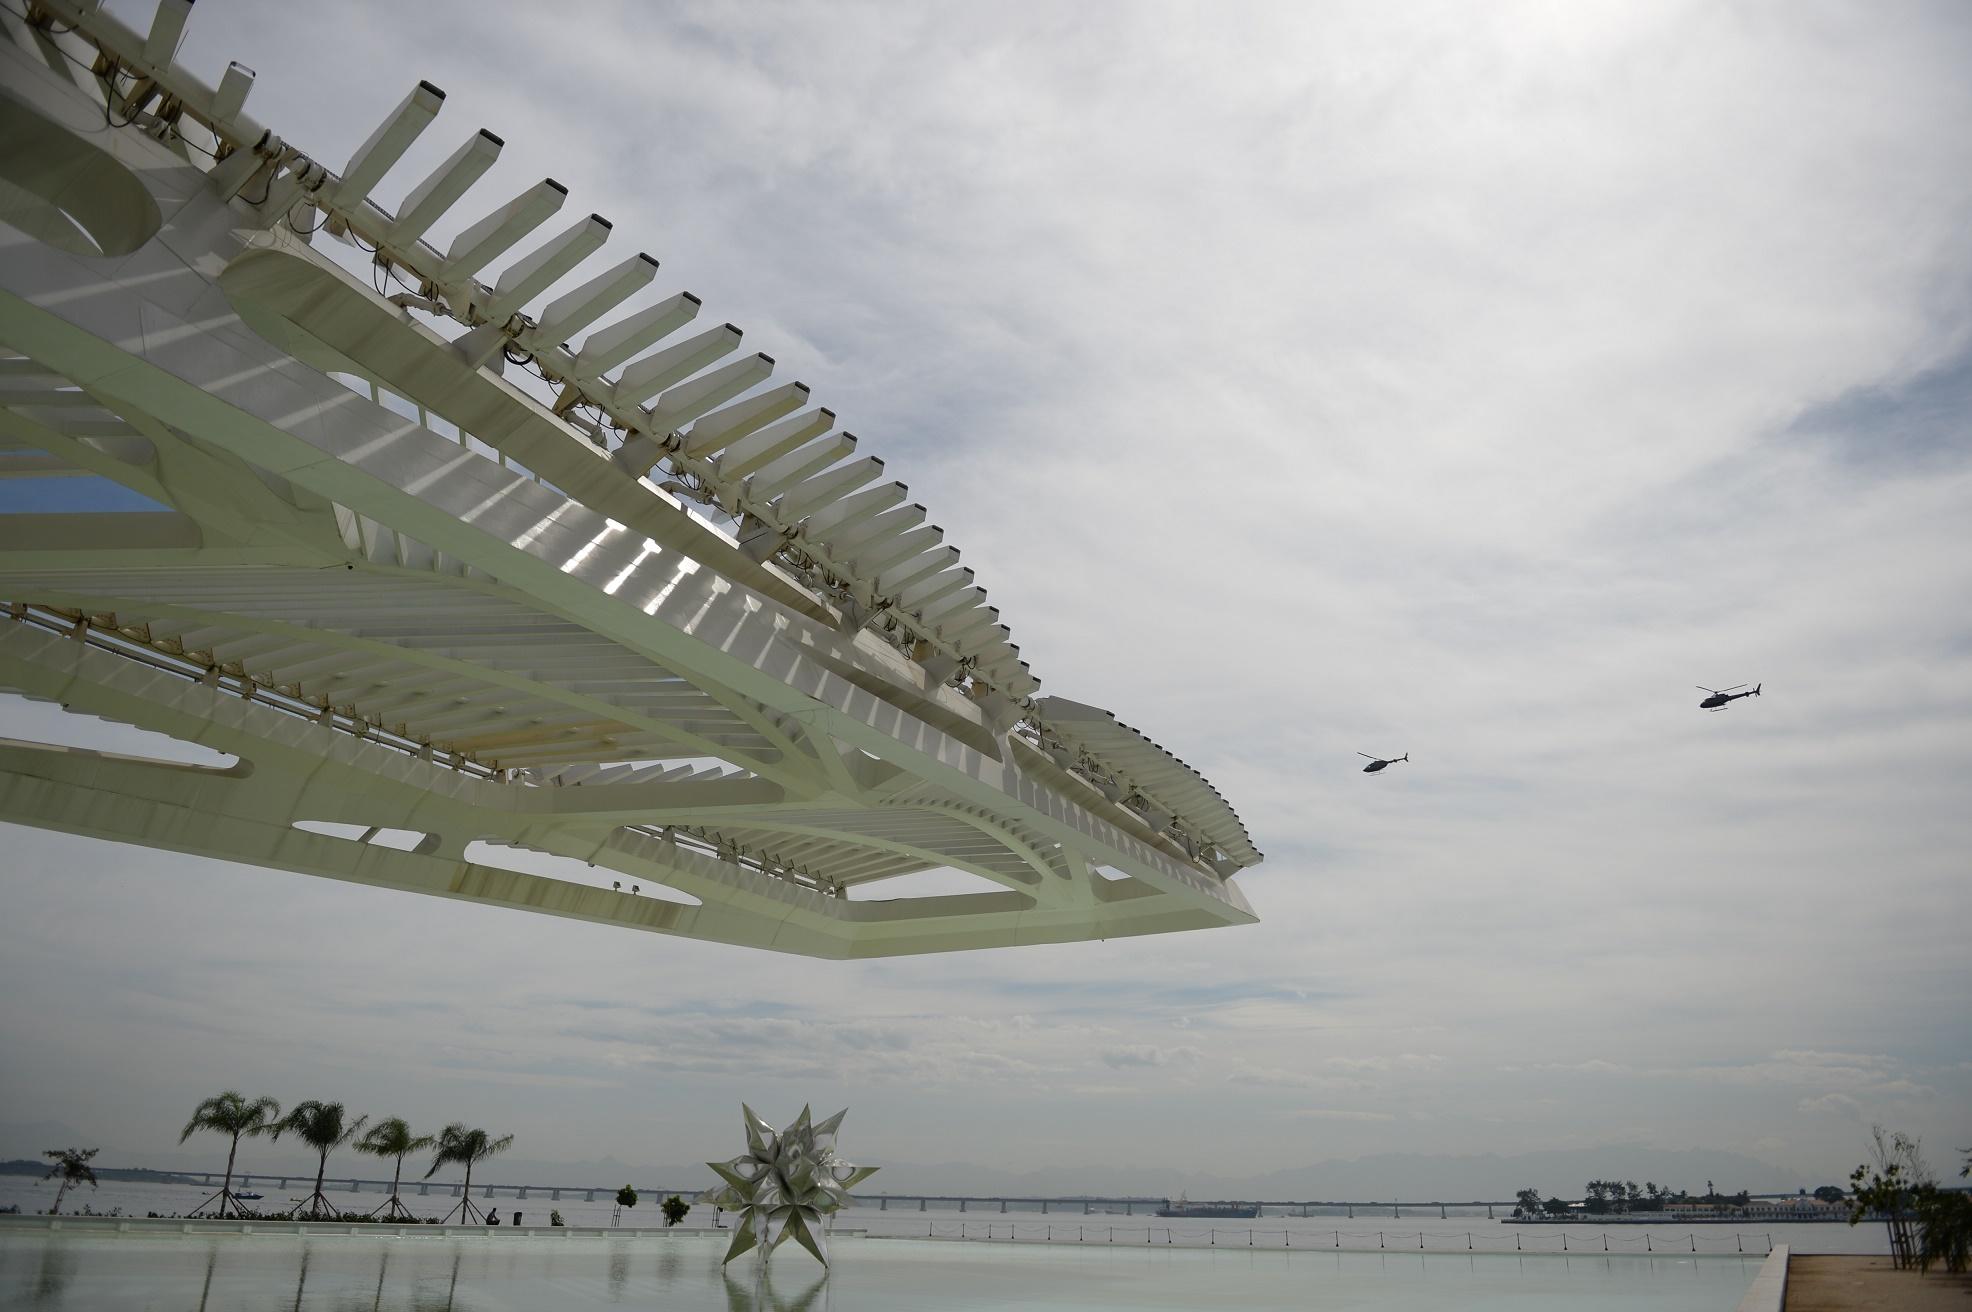 A área do porto do Rio, onde está o Museu do Amanhã, tem um dos melhores índices de incidência de sol da cidade. Foto de Vanderlei Almeida/AFP